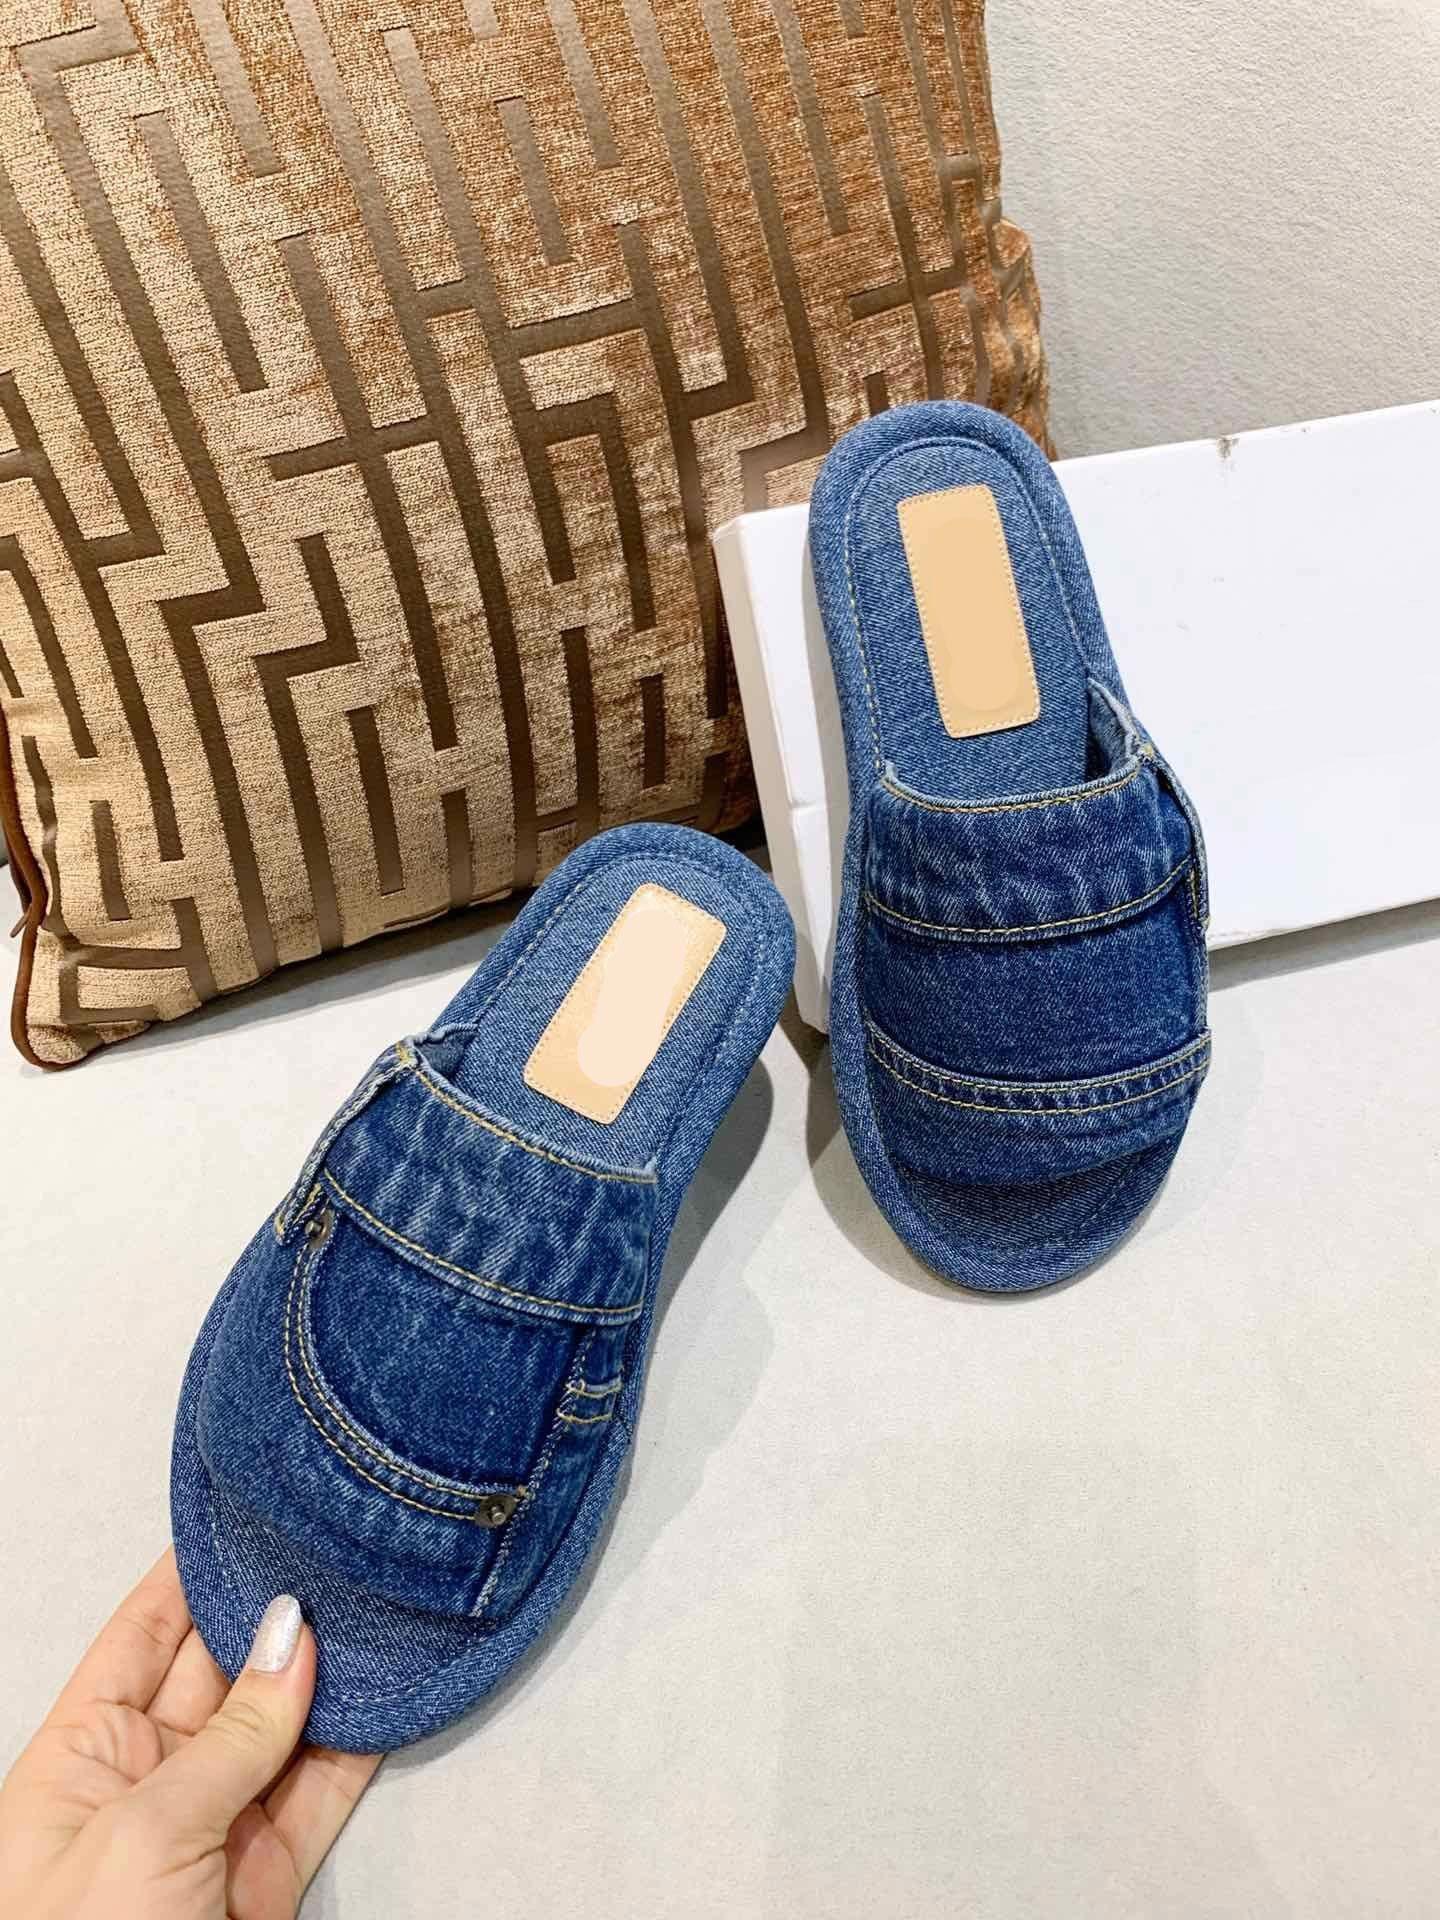 2021 Sıcak Boyutu 35-45 Erkek Bayan Mizaç Sandalet Kutusu Toz Çanta Ayakkabı Slaytlar Yaz Moda Geniş Düz Terlik